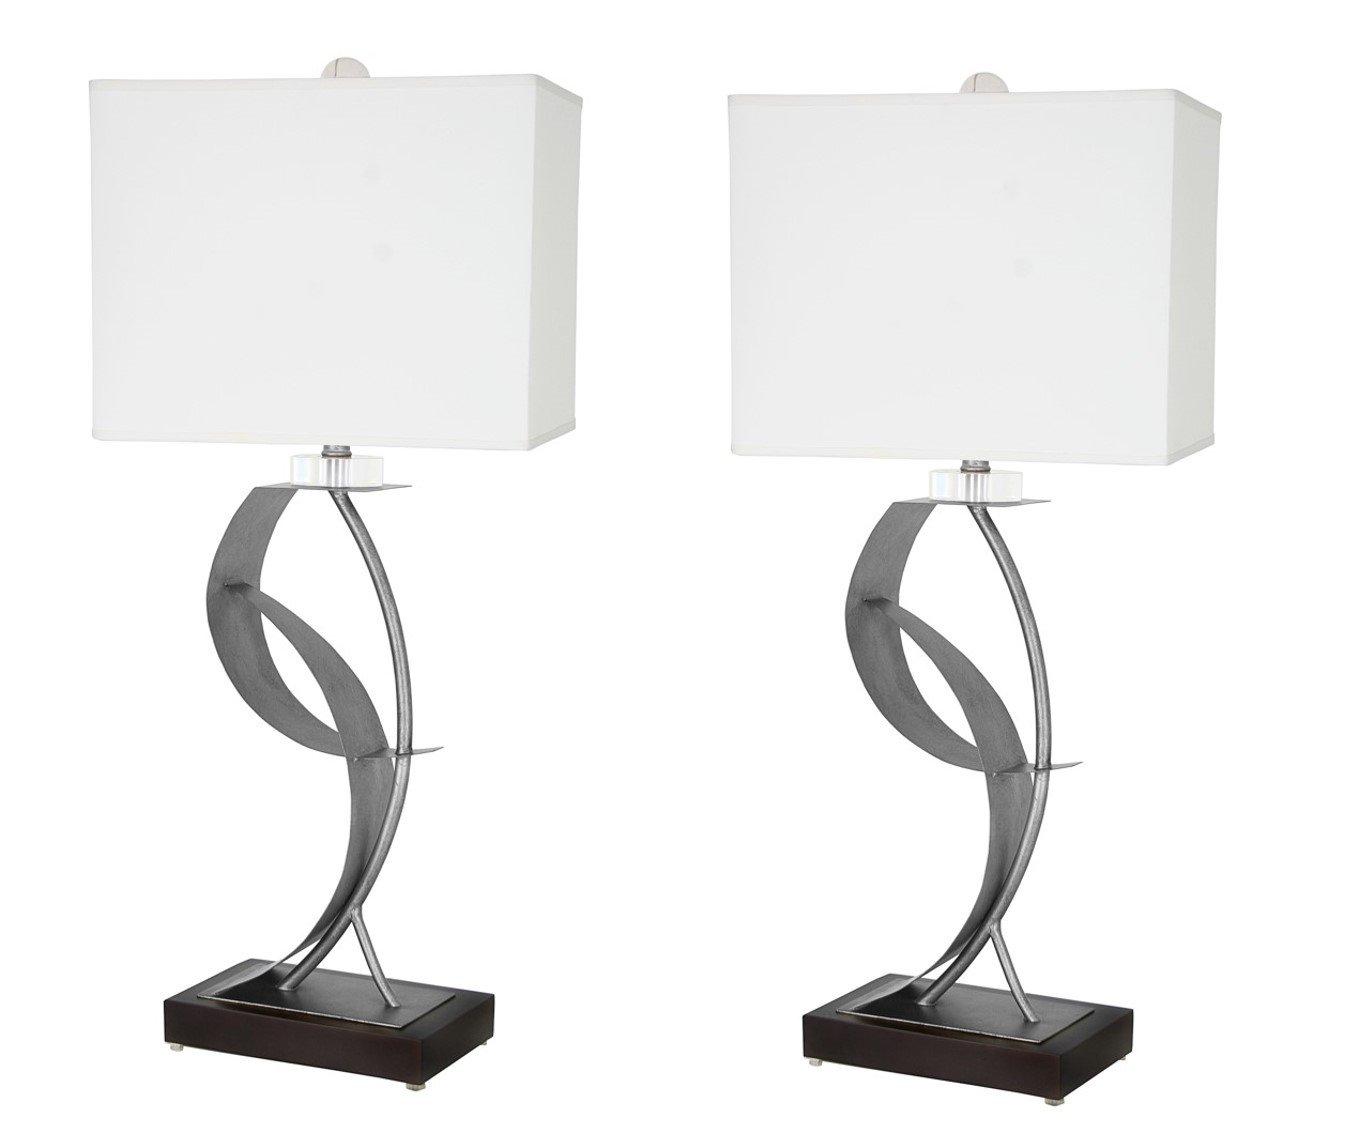 Van Teal 630572PR Lady Clara Set of 2 Lamps, Silver, 2 by Van Teal